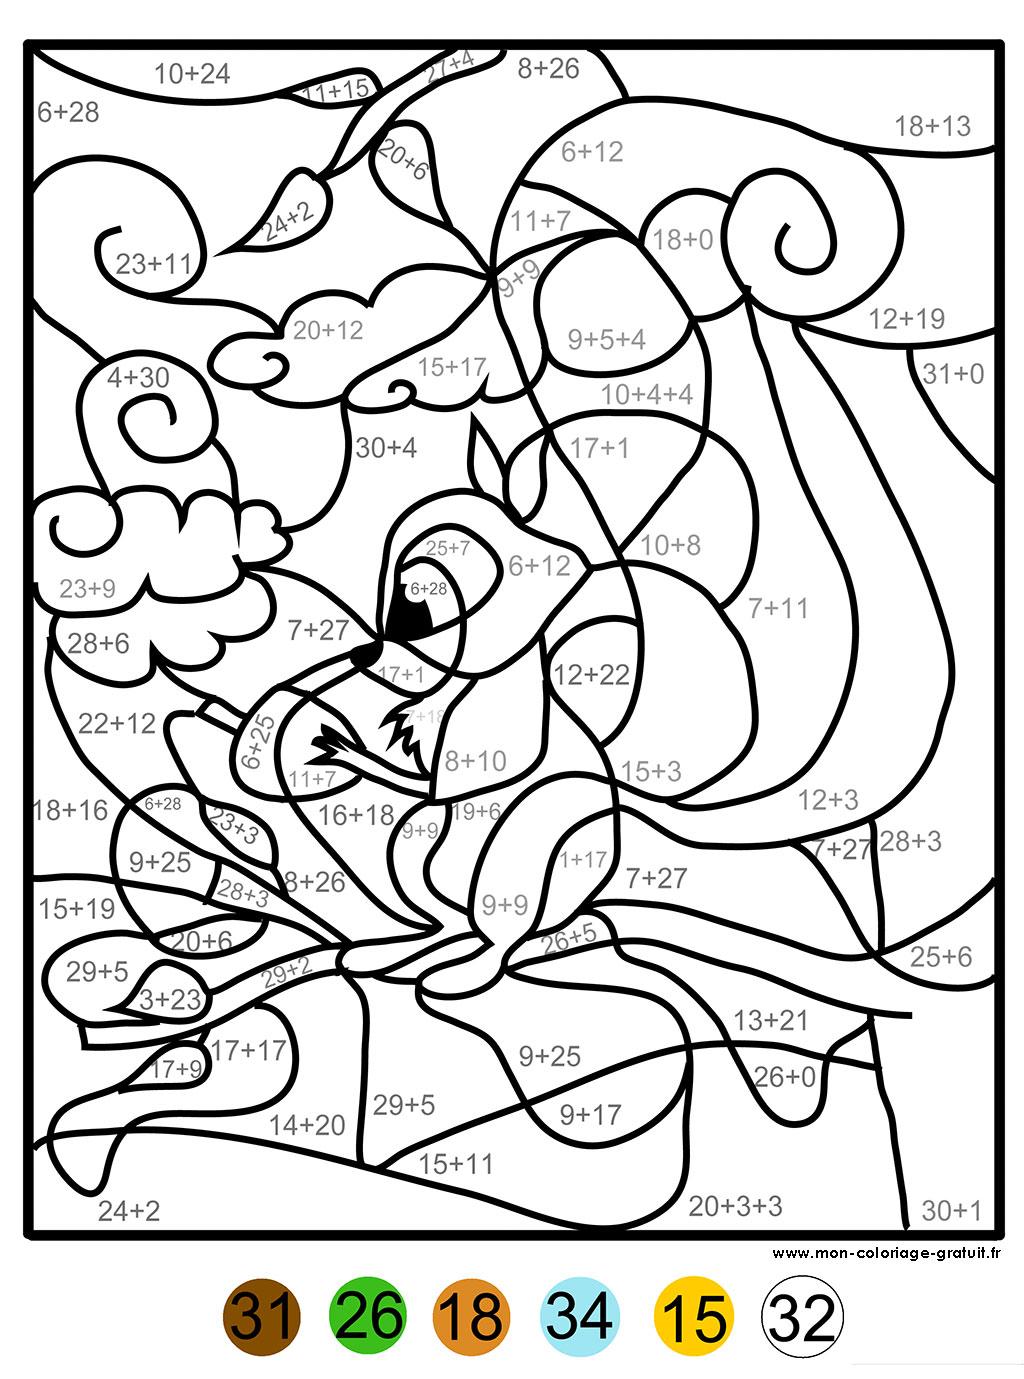 Coloriage gratuit magique addition - Coloriages magiques ce1 ...